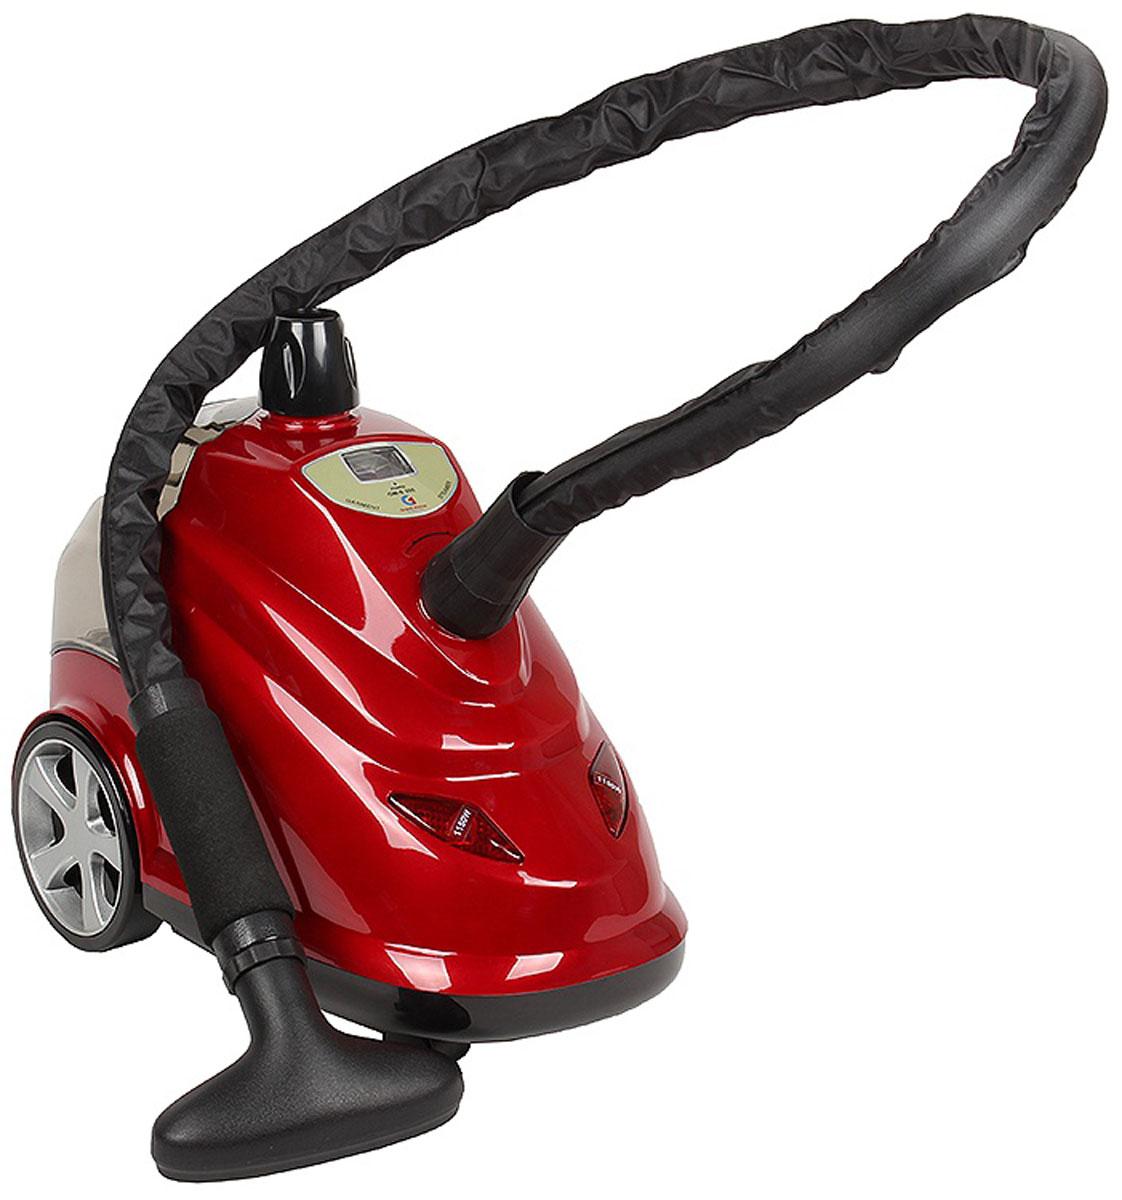 Grand Master GM-S205 Professional, Red отпаривательS205ProfessionalGrand Master GM-S205 Professional – профессиональный отпариватель, очень мощный. Этот отпариватель дает настоящий профессиональный результат глажения благодаря продуманной конструкции и бойлеру 2300 Вт.При размещении на вешалке объемной верхней одежды устойчивость отпаривателя может нарушиться, на этот случай внизу корпуса находятся выдвижные подставки для сохранения устойчивого равновесия всей конструкции.Отпариватель GM-S205 Professional имеет два режима отпаривания. Режимы выбираются путем нажатия кнопок на фронтальной части корпуса аппарата. При нажатии одной кнопки отпариватель работает с мощностью 1150 Вт. При нажатии двух - с мощностью 2300 Вт.Надежность конструкции, большая мощность, дополнительное приспособление в виде мини гладильной доски – все это дает GM-S205 Professional возможность добиваться лучших результатов отпаривания за еще более короткое время и право называться профессиональным отпаривателем для одежды.Максимальная температура: 98°СВремя непрерывной работы: 2 чВремя ожидания готовности: 45 сек